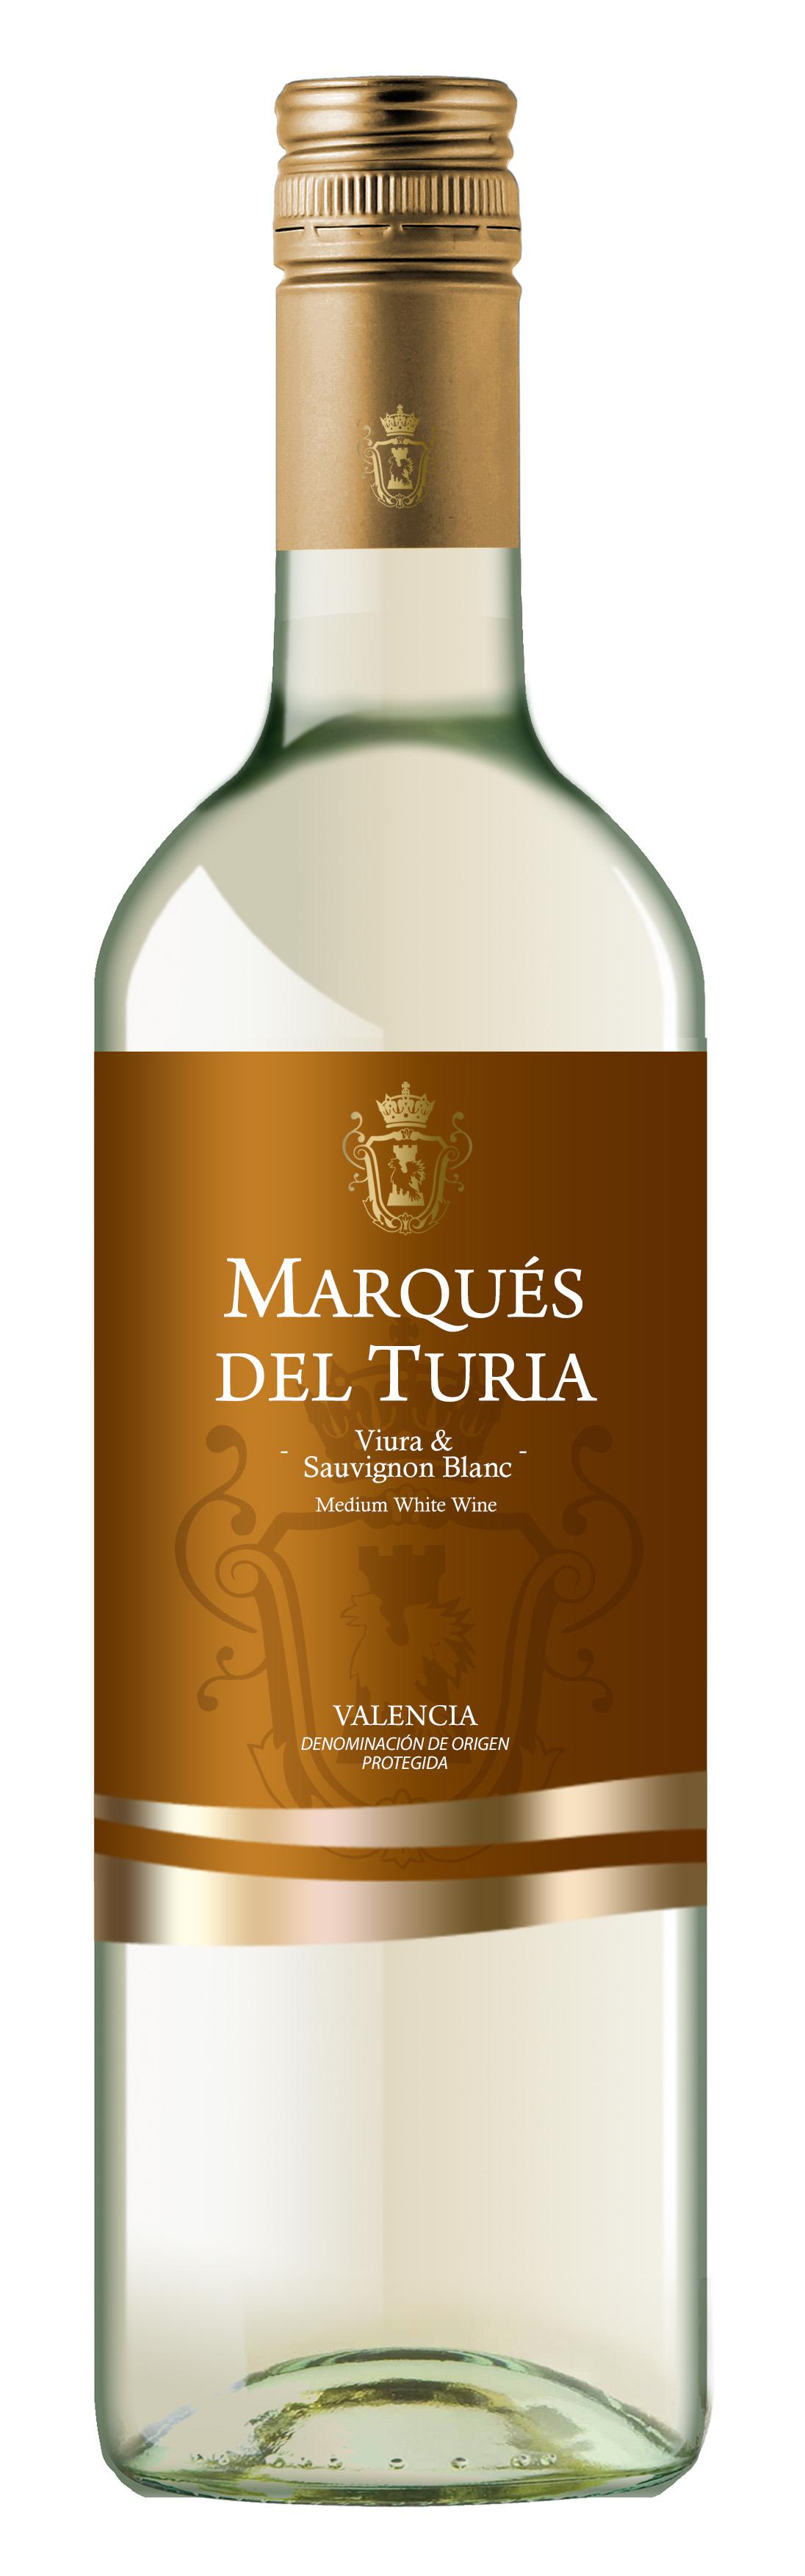 Vicente Gandia Marques del Turia Medium White